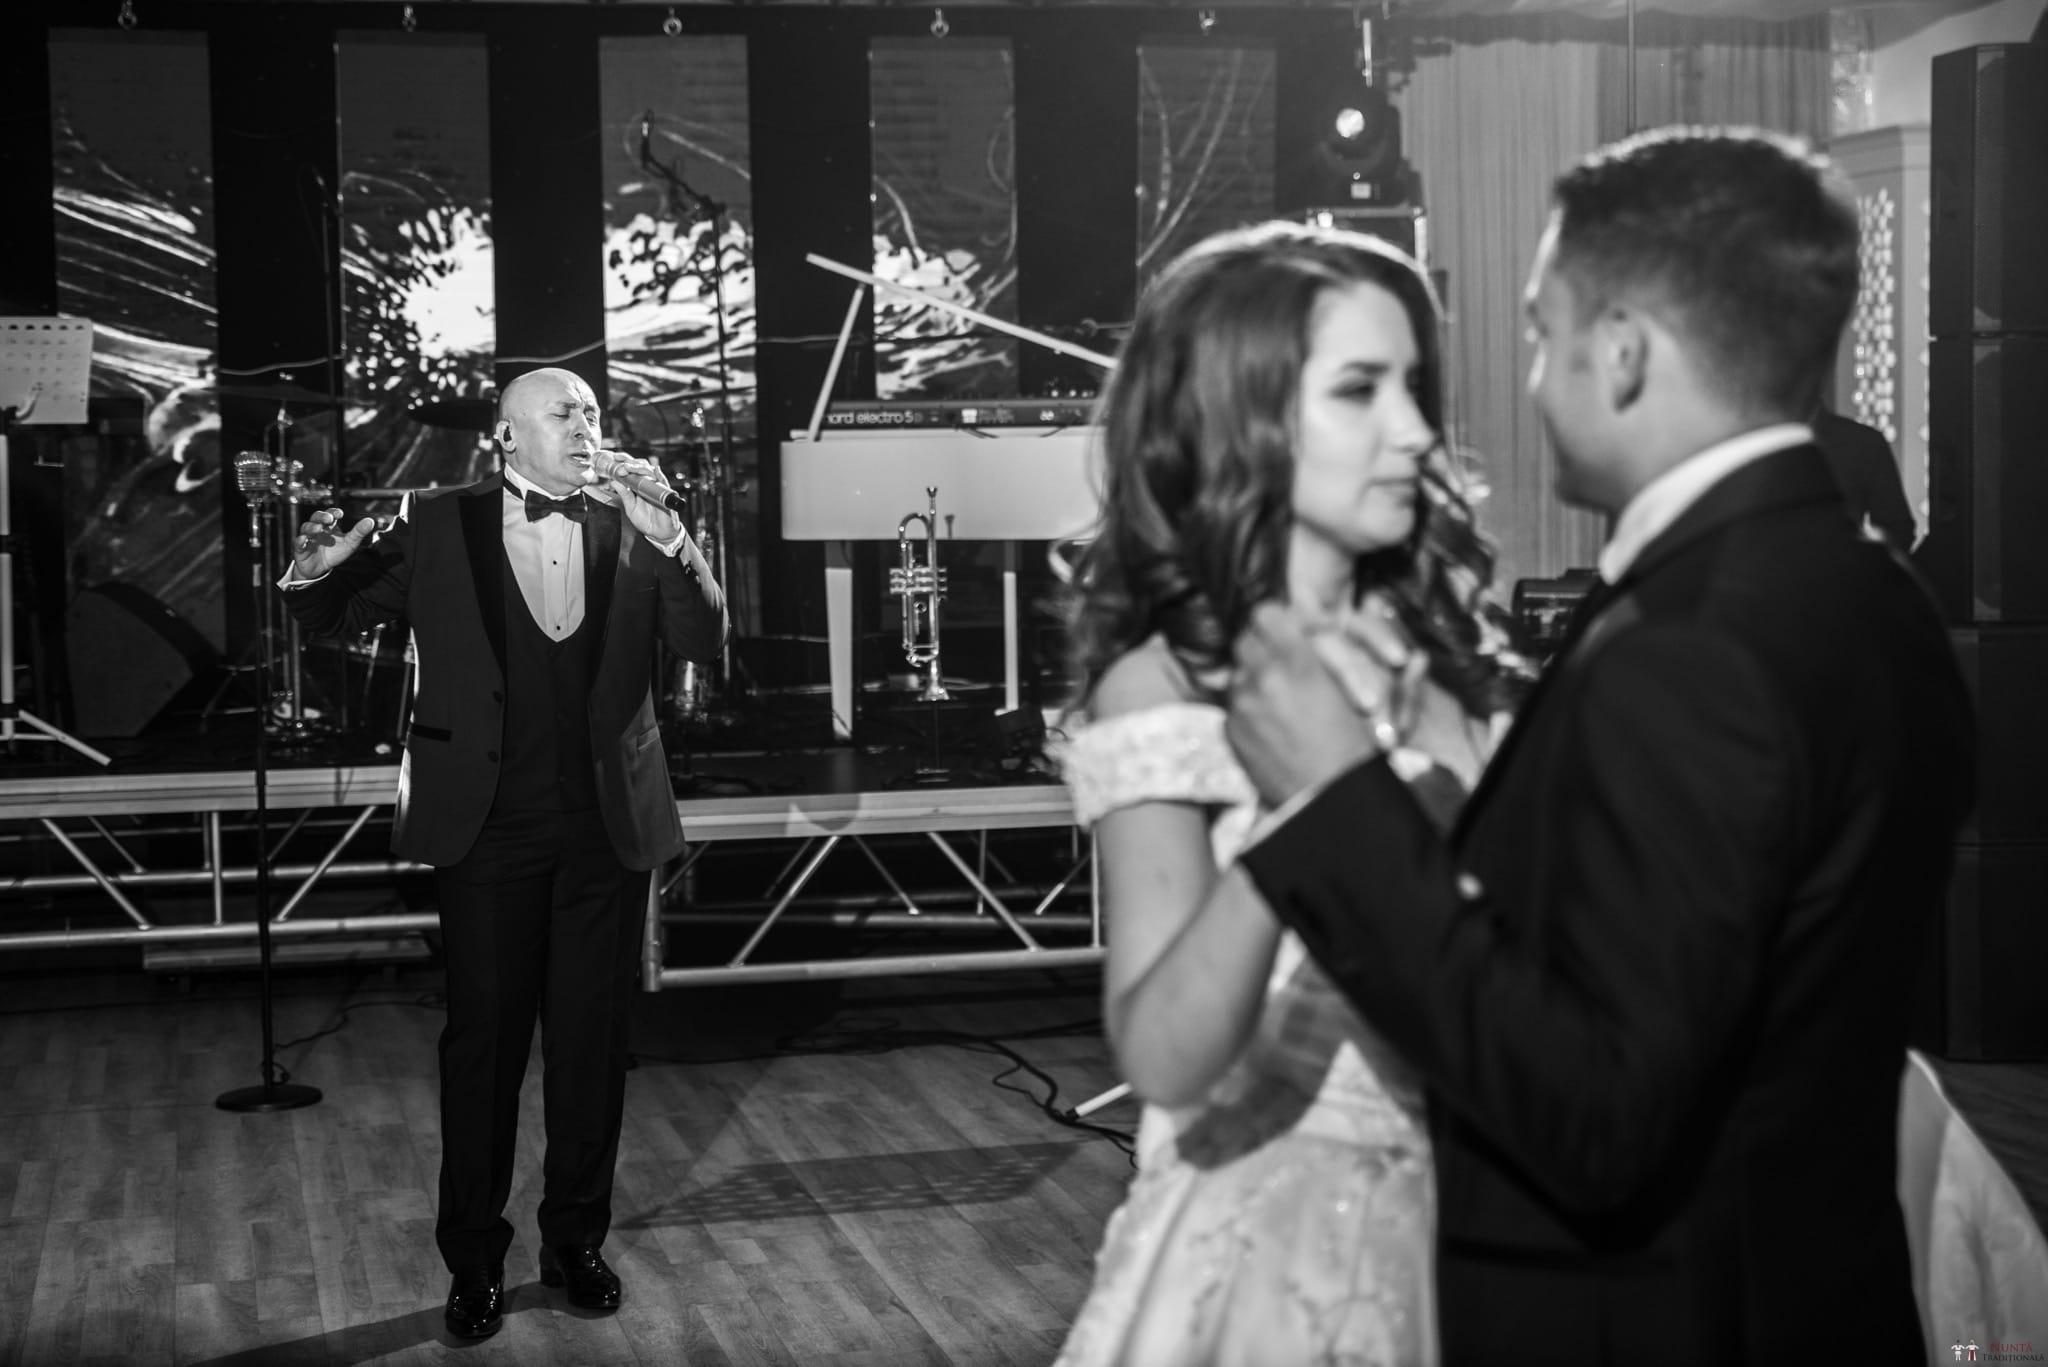 Povești Nunți Tradiționale - Irina și Alexandru, nuntă în Câmpulung Moldovenesc, Suceava 76